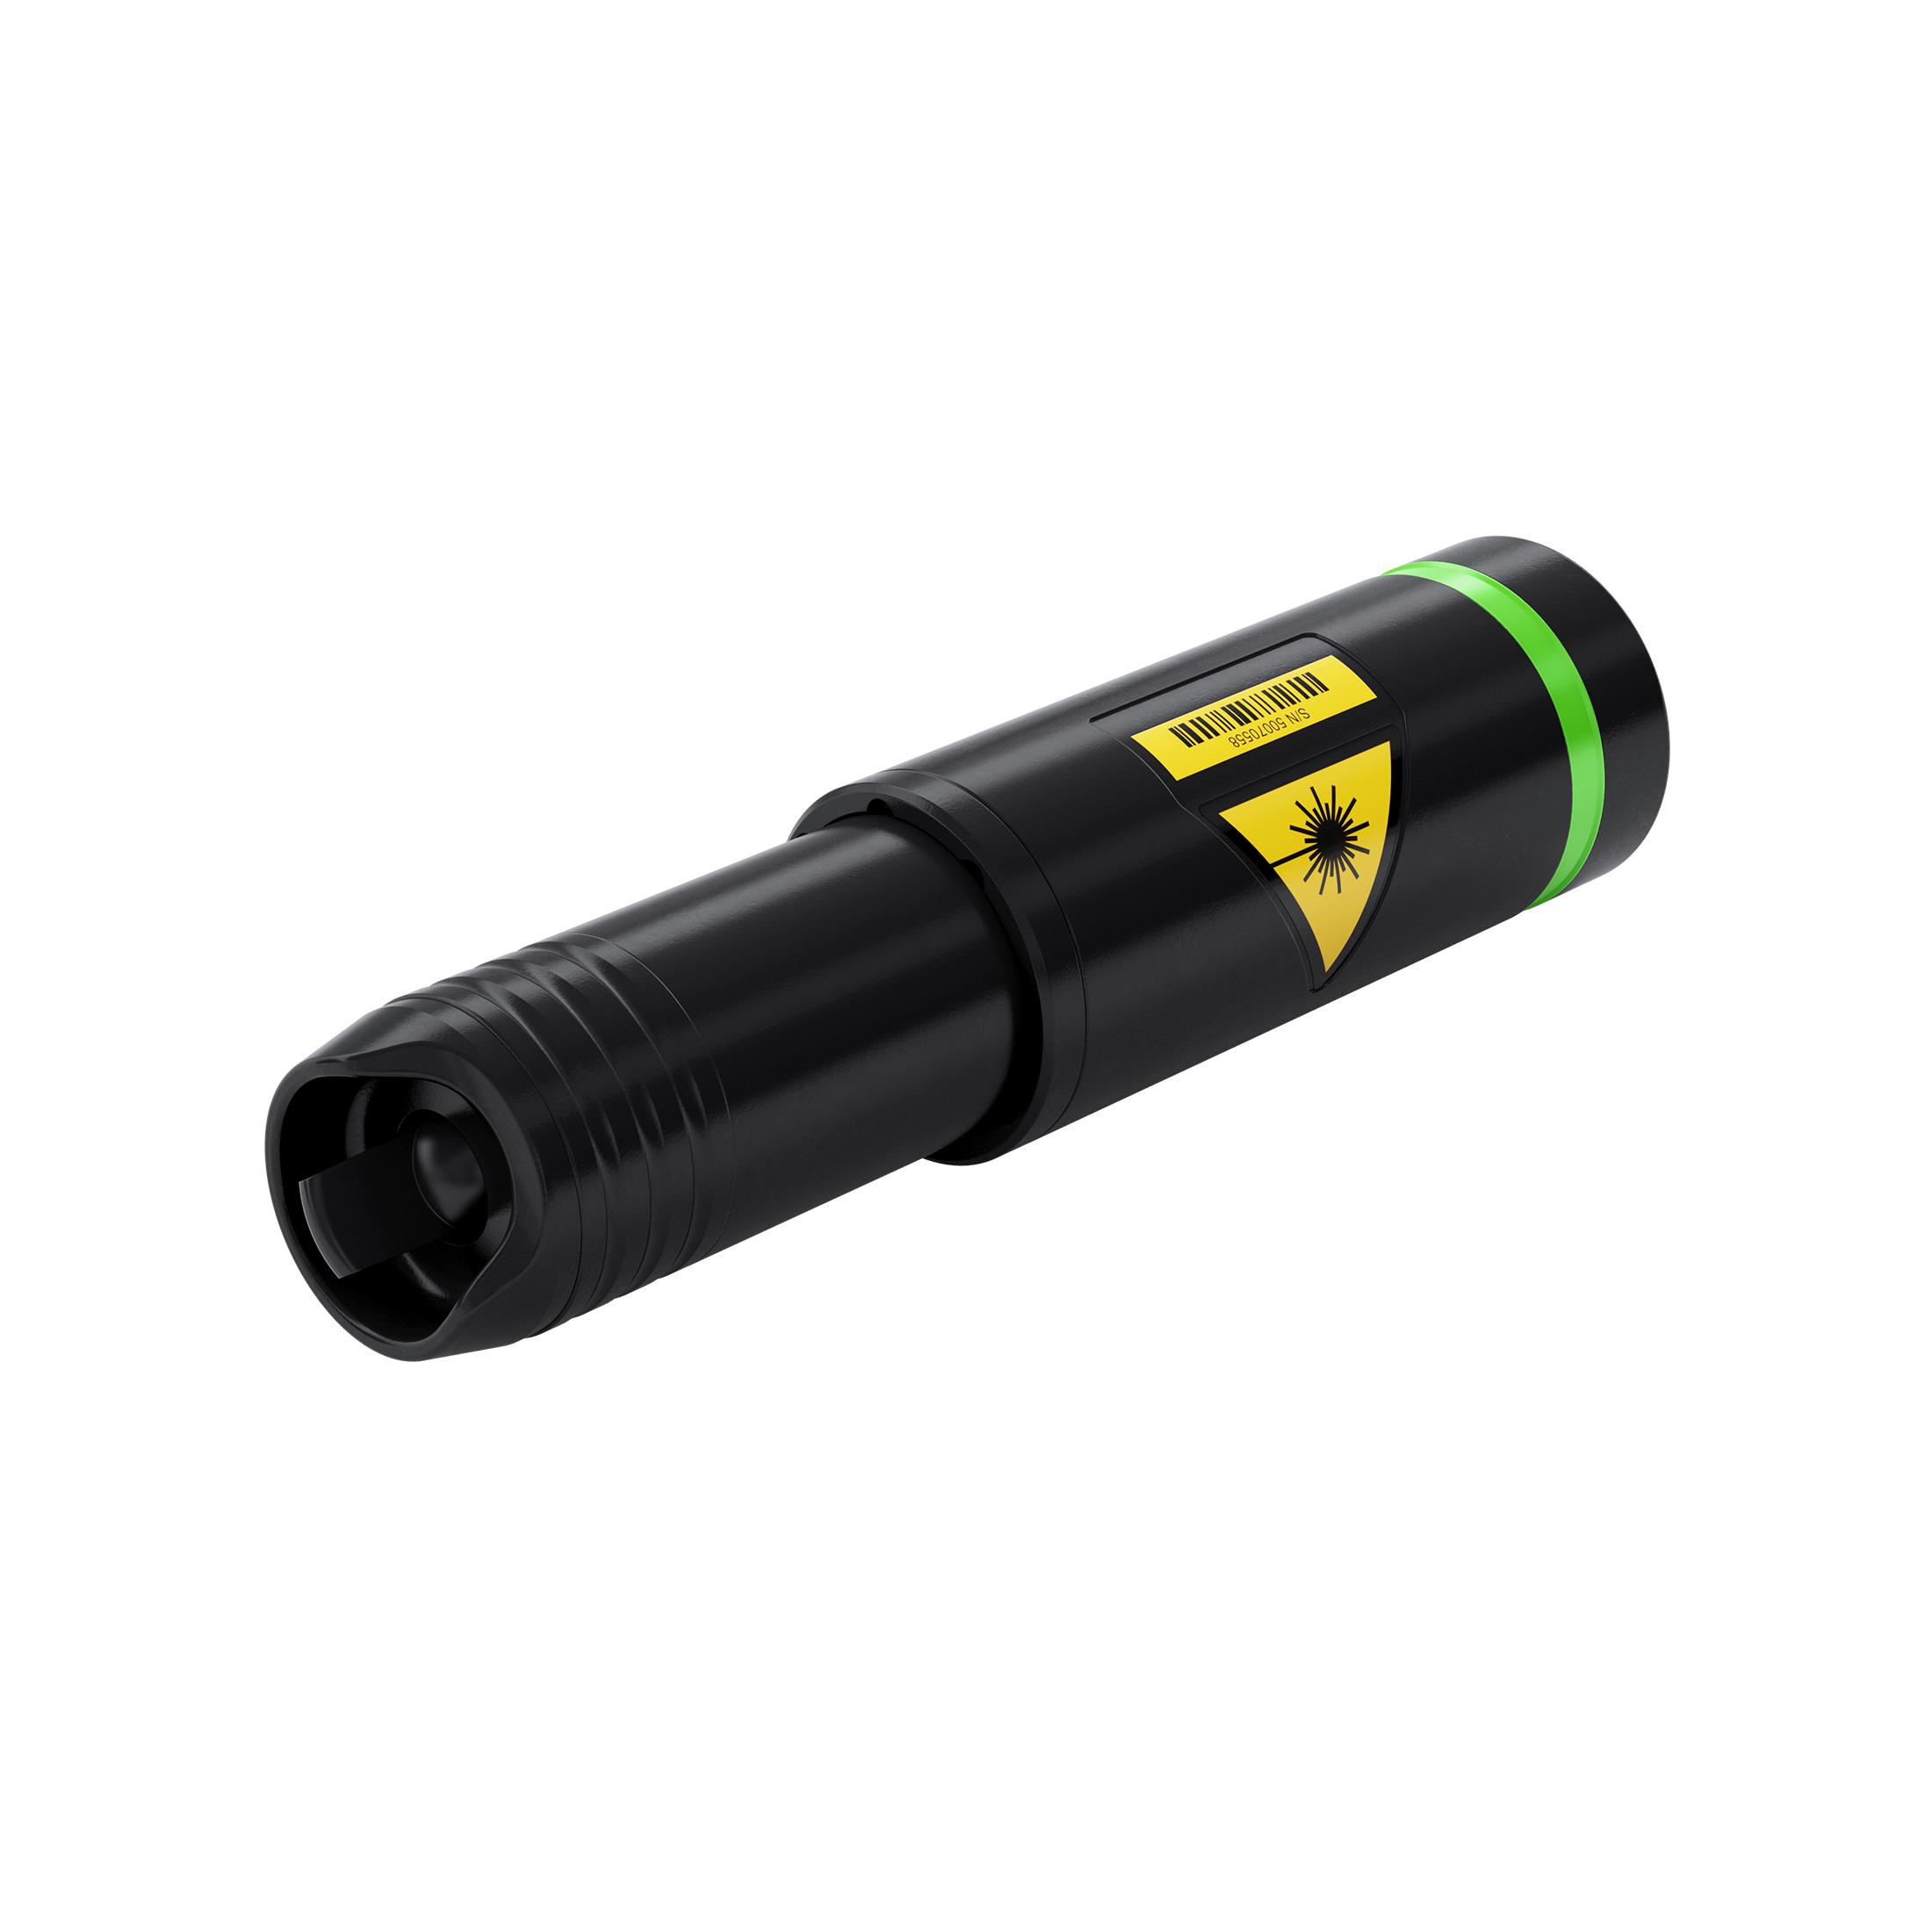 Laserluchs LA905-50-PRO-II